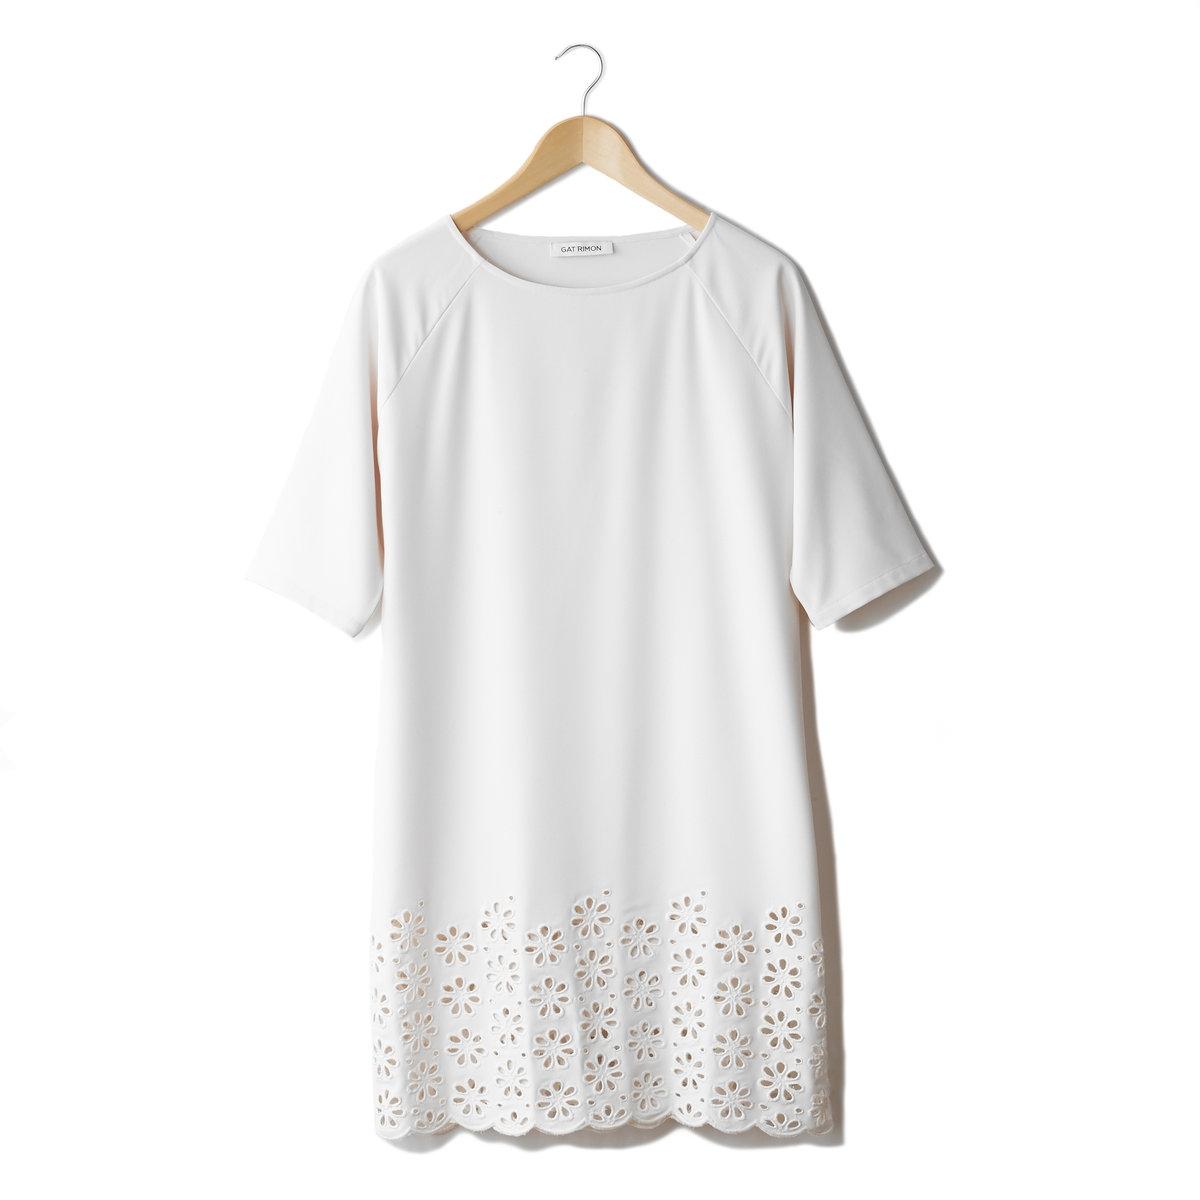 Платье с рукавами до локтейПлатье Gat Rimon. Струящийся трикотаж, 100% полиэстера. Прямой покрой. Ажурные цветы по низу. Длина ок.94 см.<br><br>Цвет: экрю